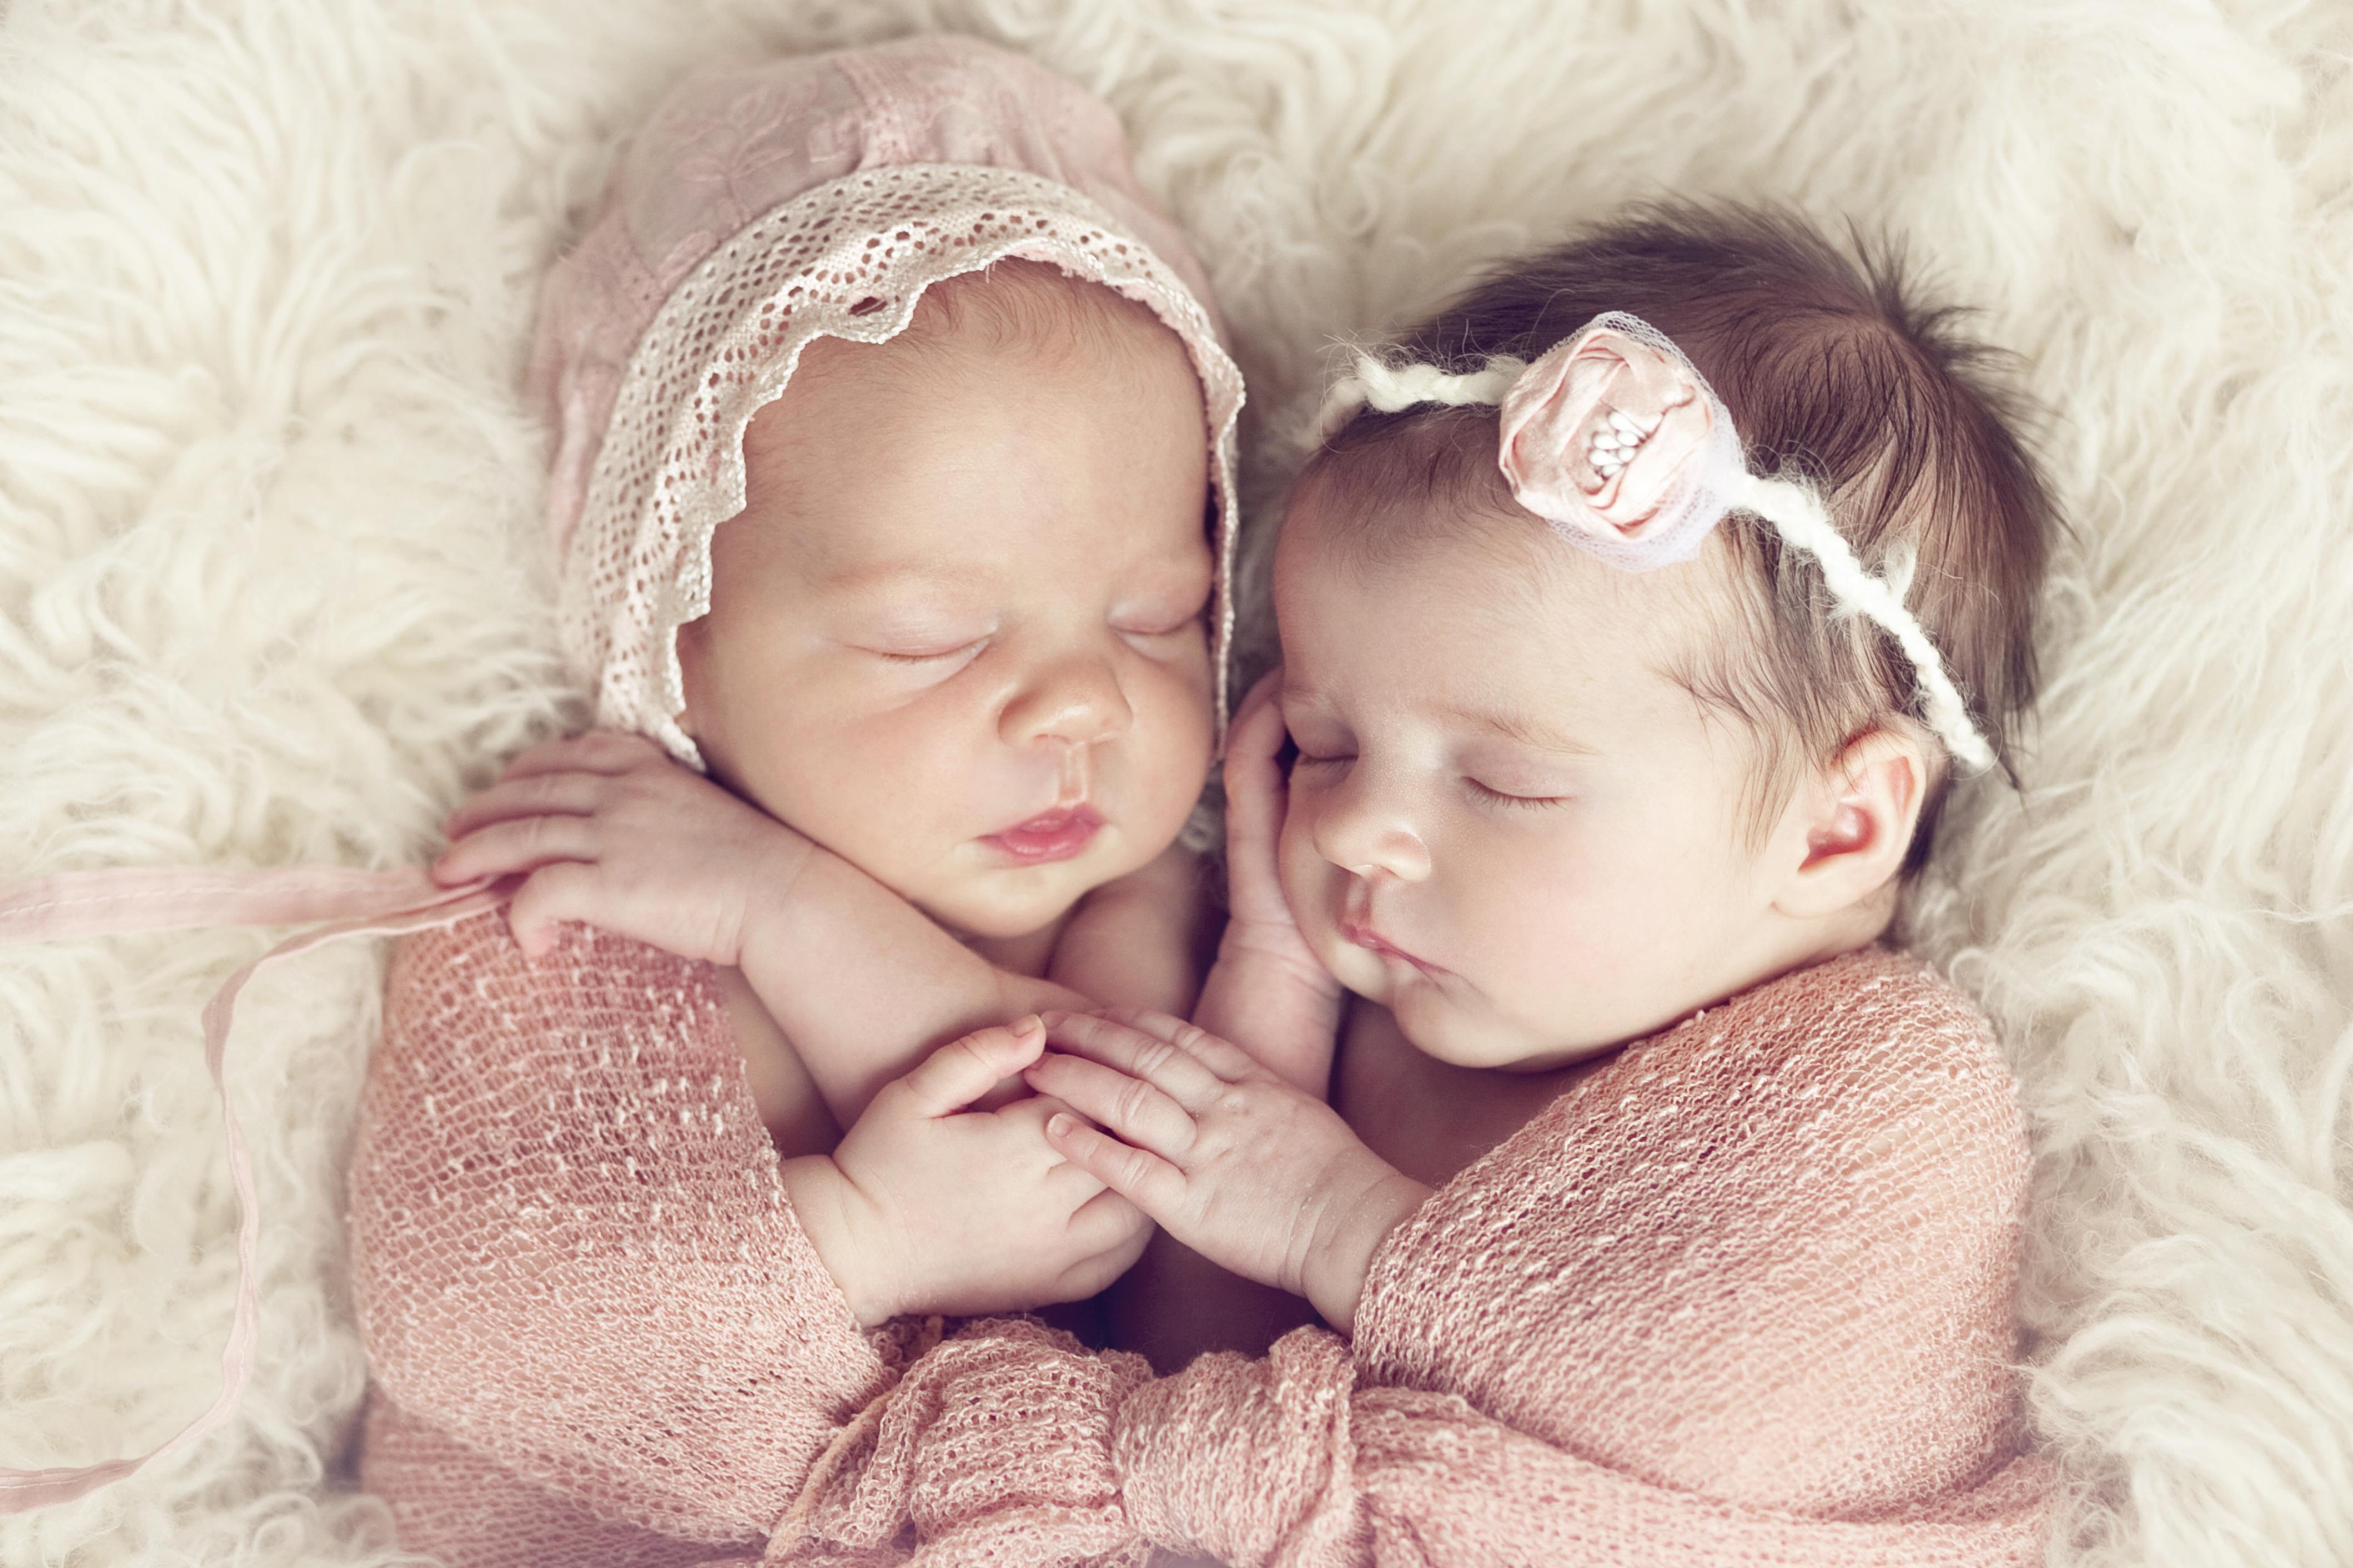 بالصور صور اطفال زي العسل , صور الجمال في الاطفال unnamed file 68